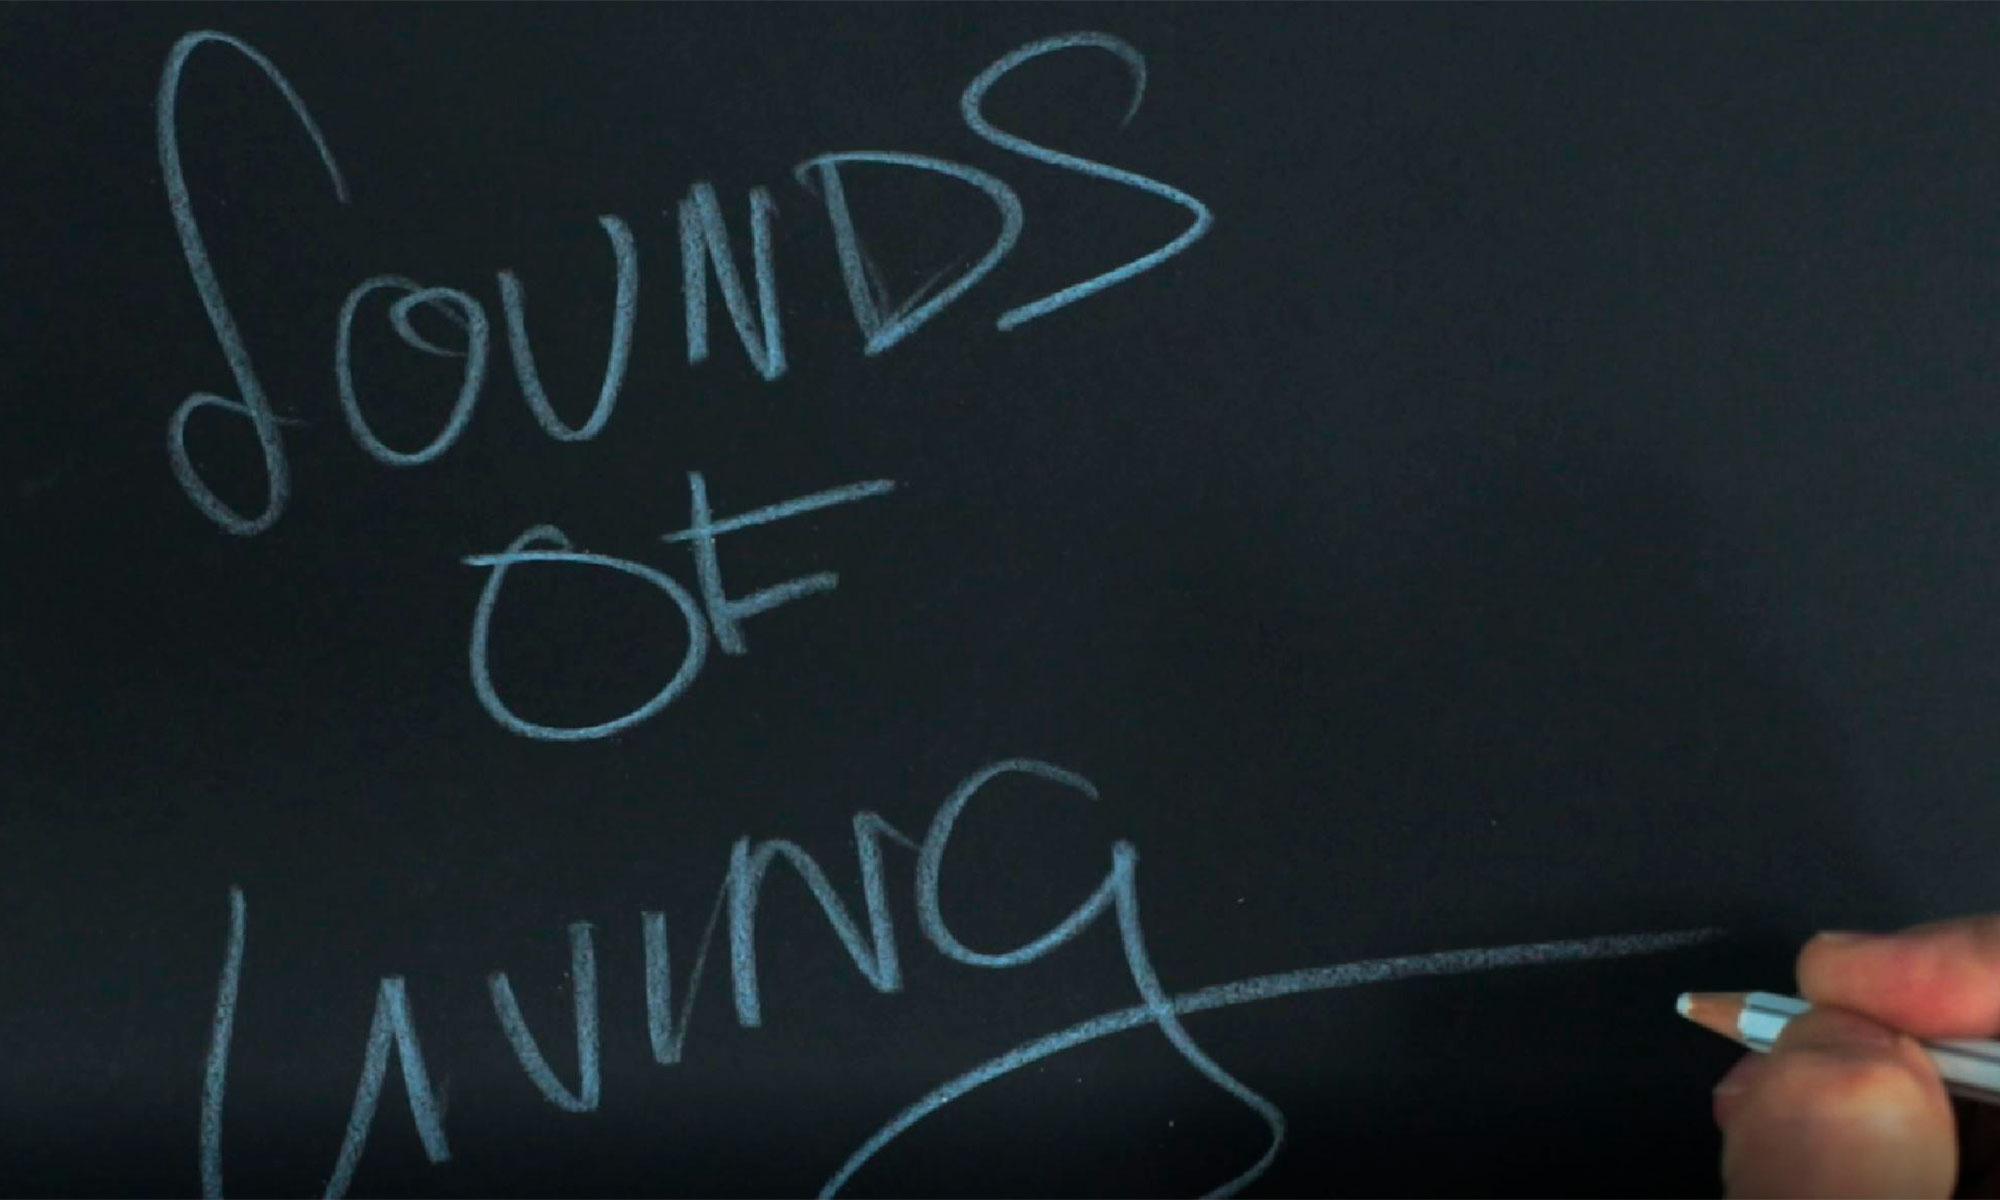 Sounds of Living, Livingceramics through the senses